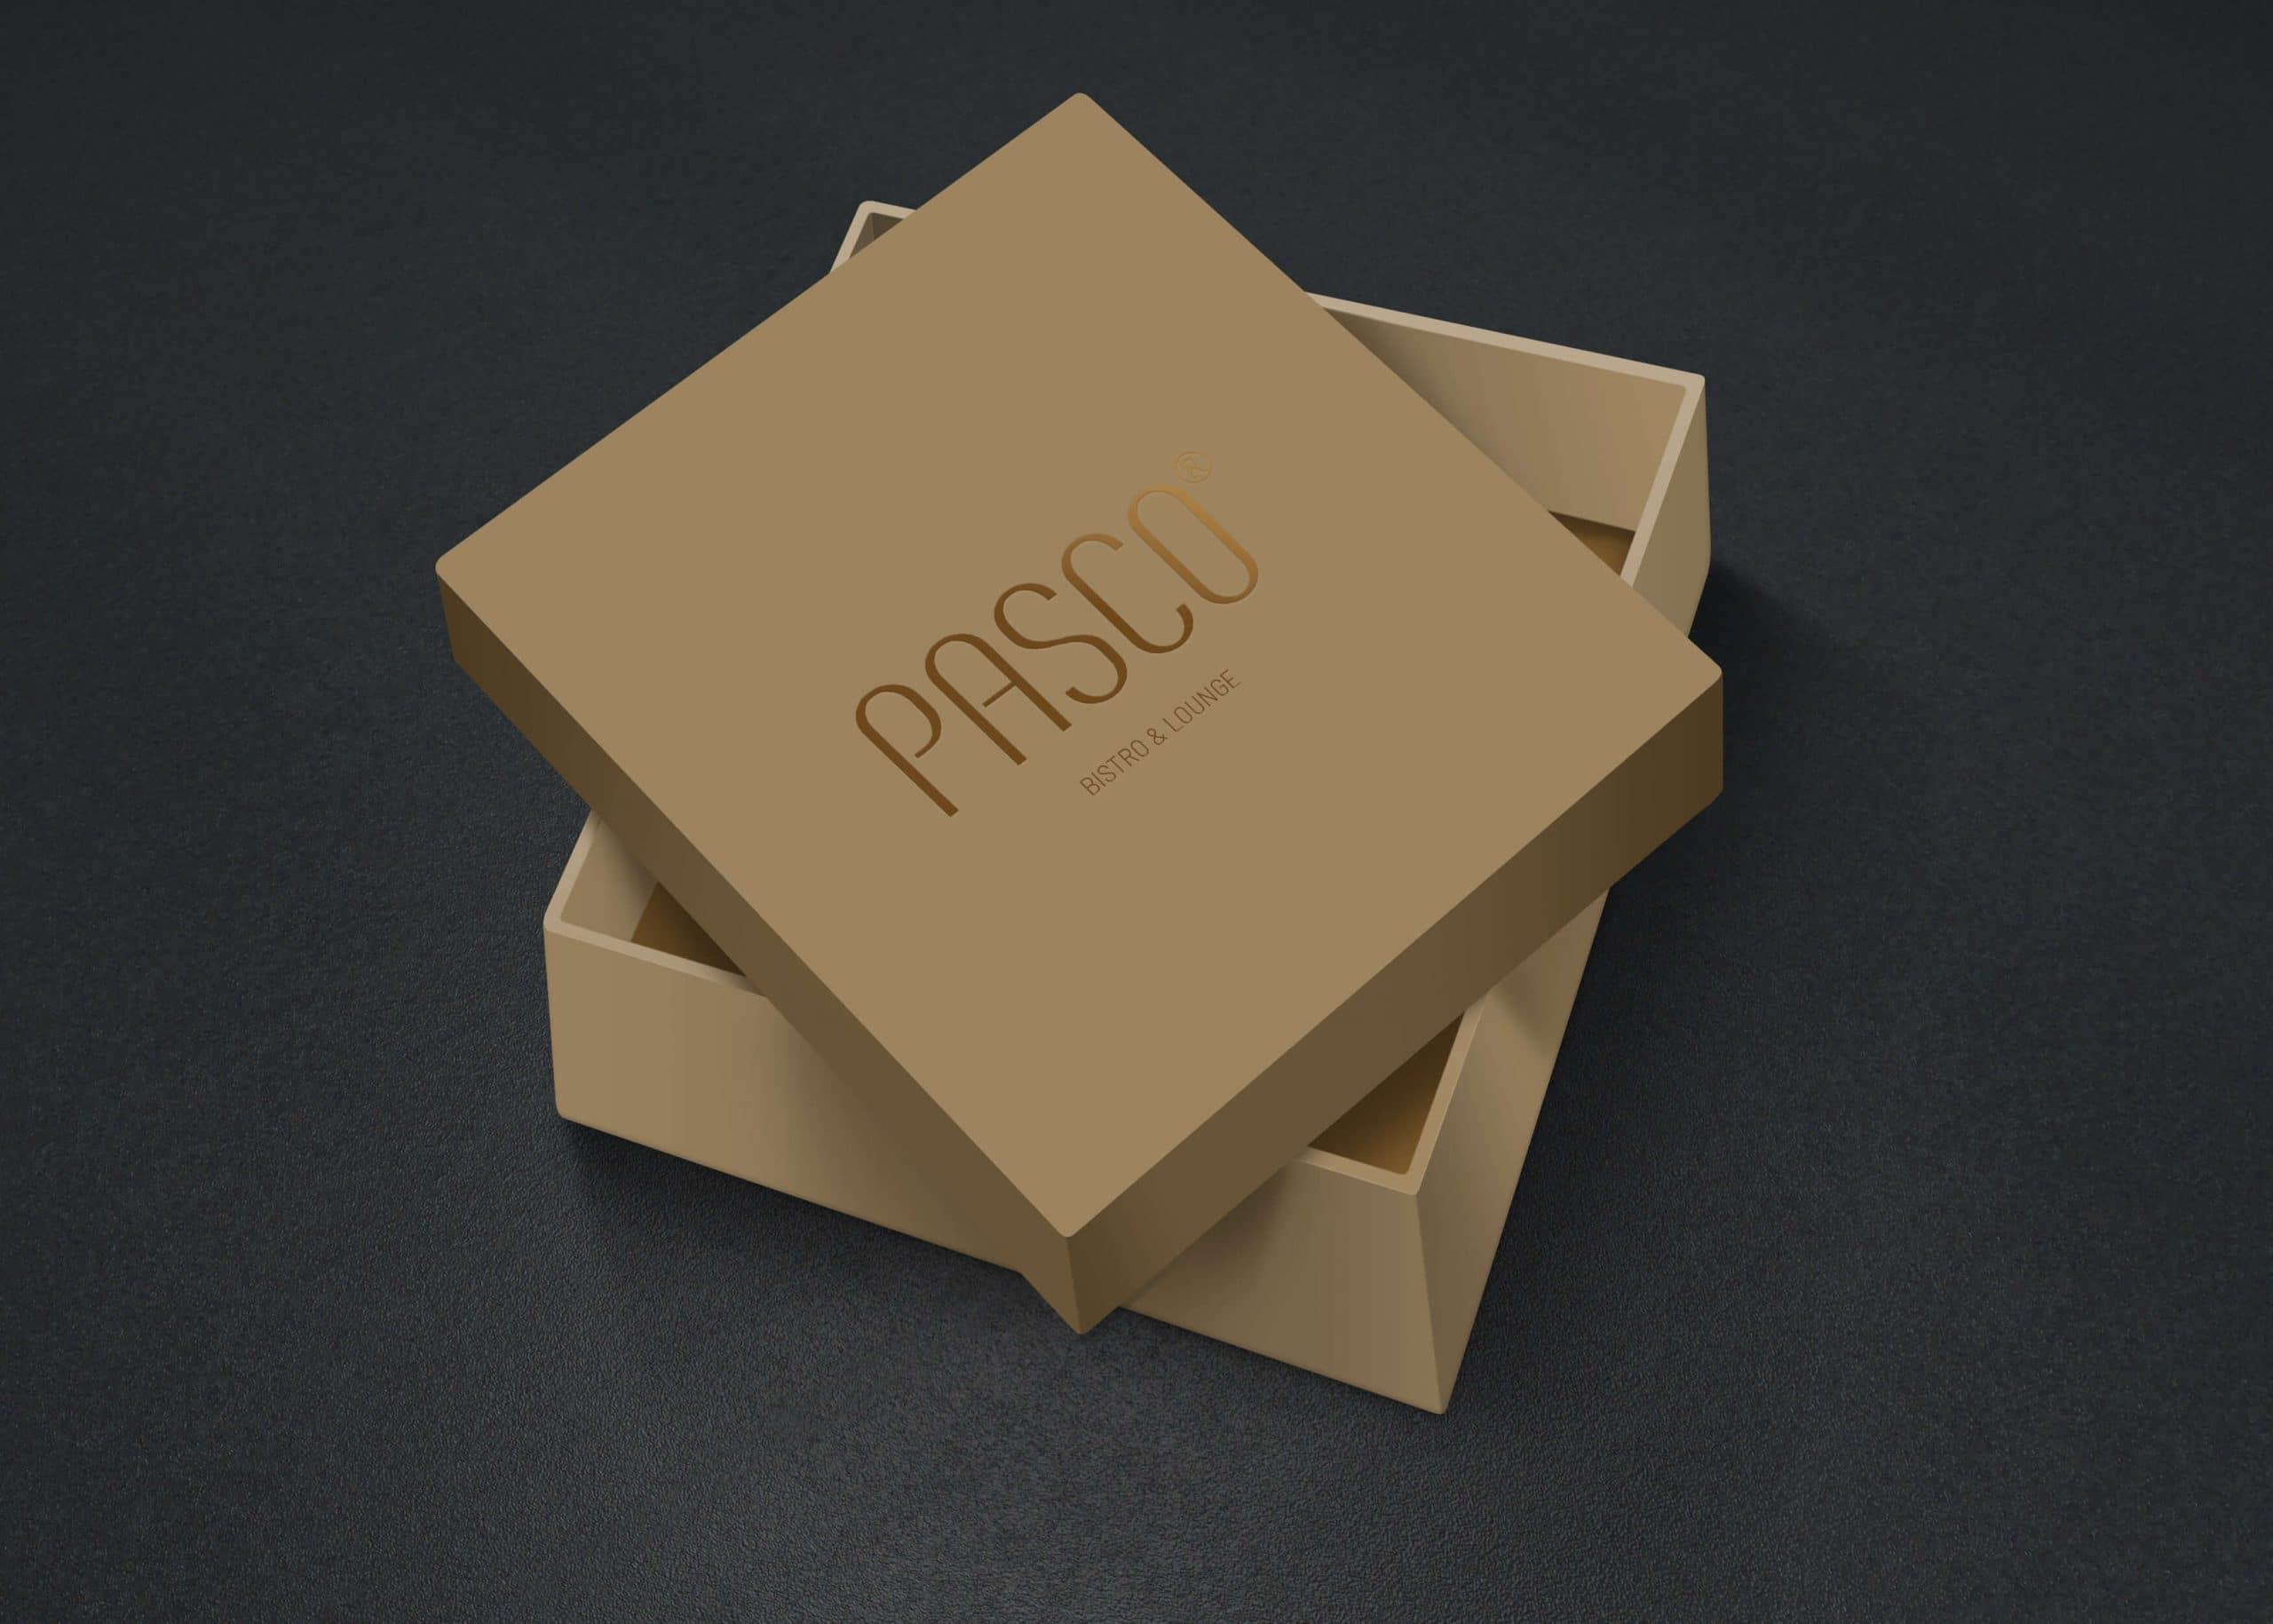 Pasco box gift cream